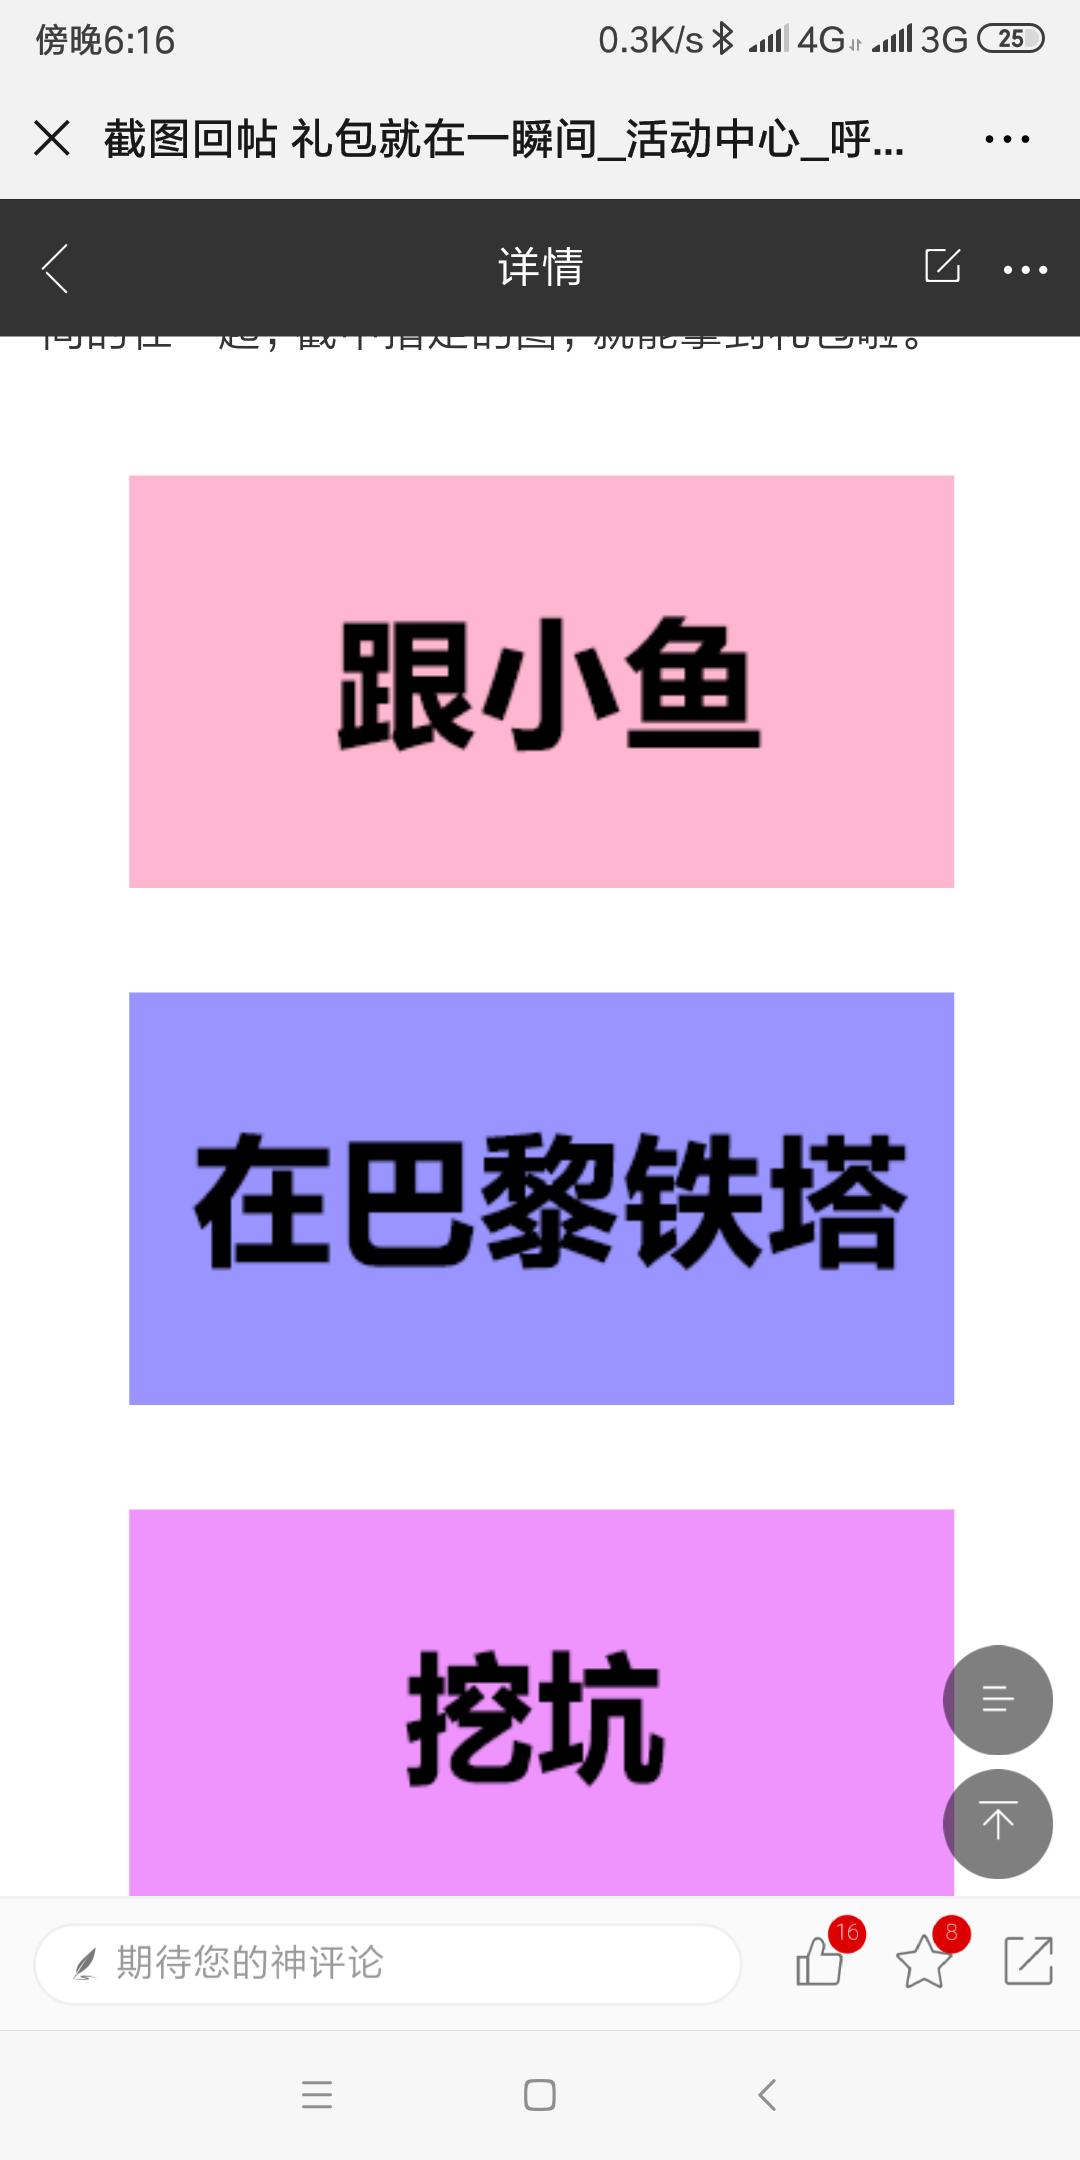 Screenshot_2019-07-25-18-16-46-668_com.tencent.mm.png